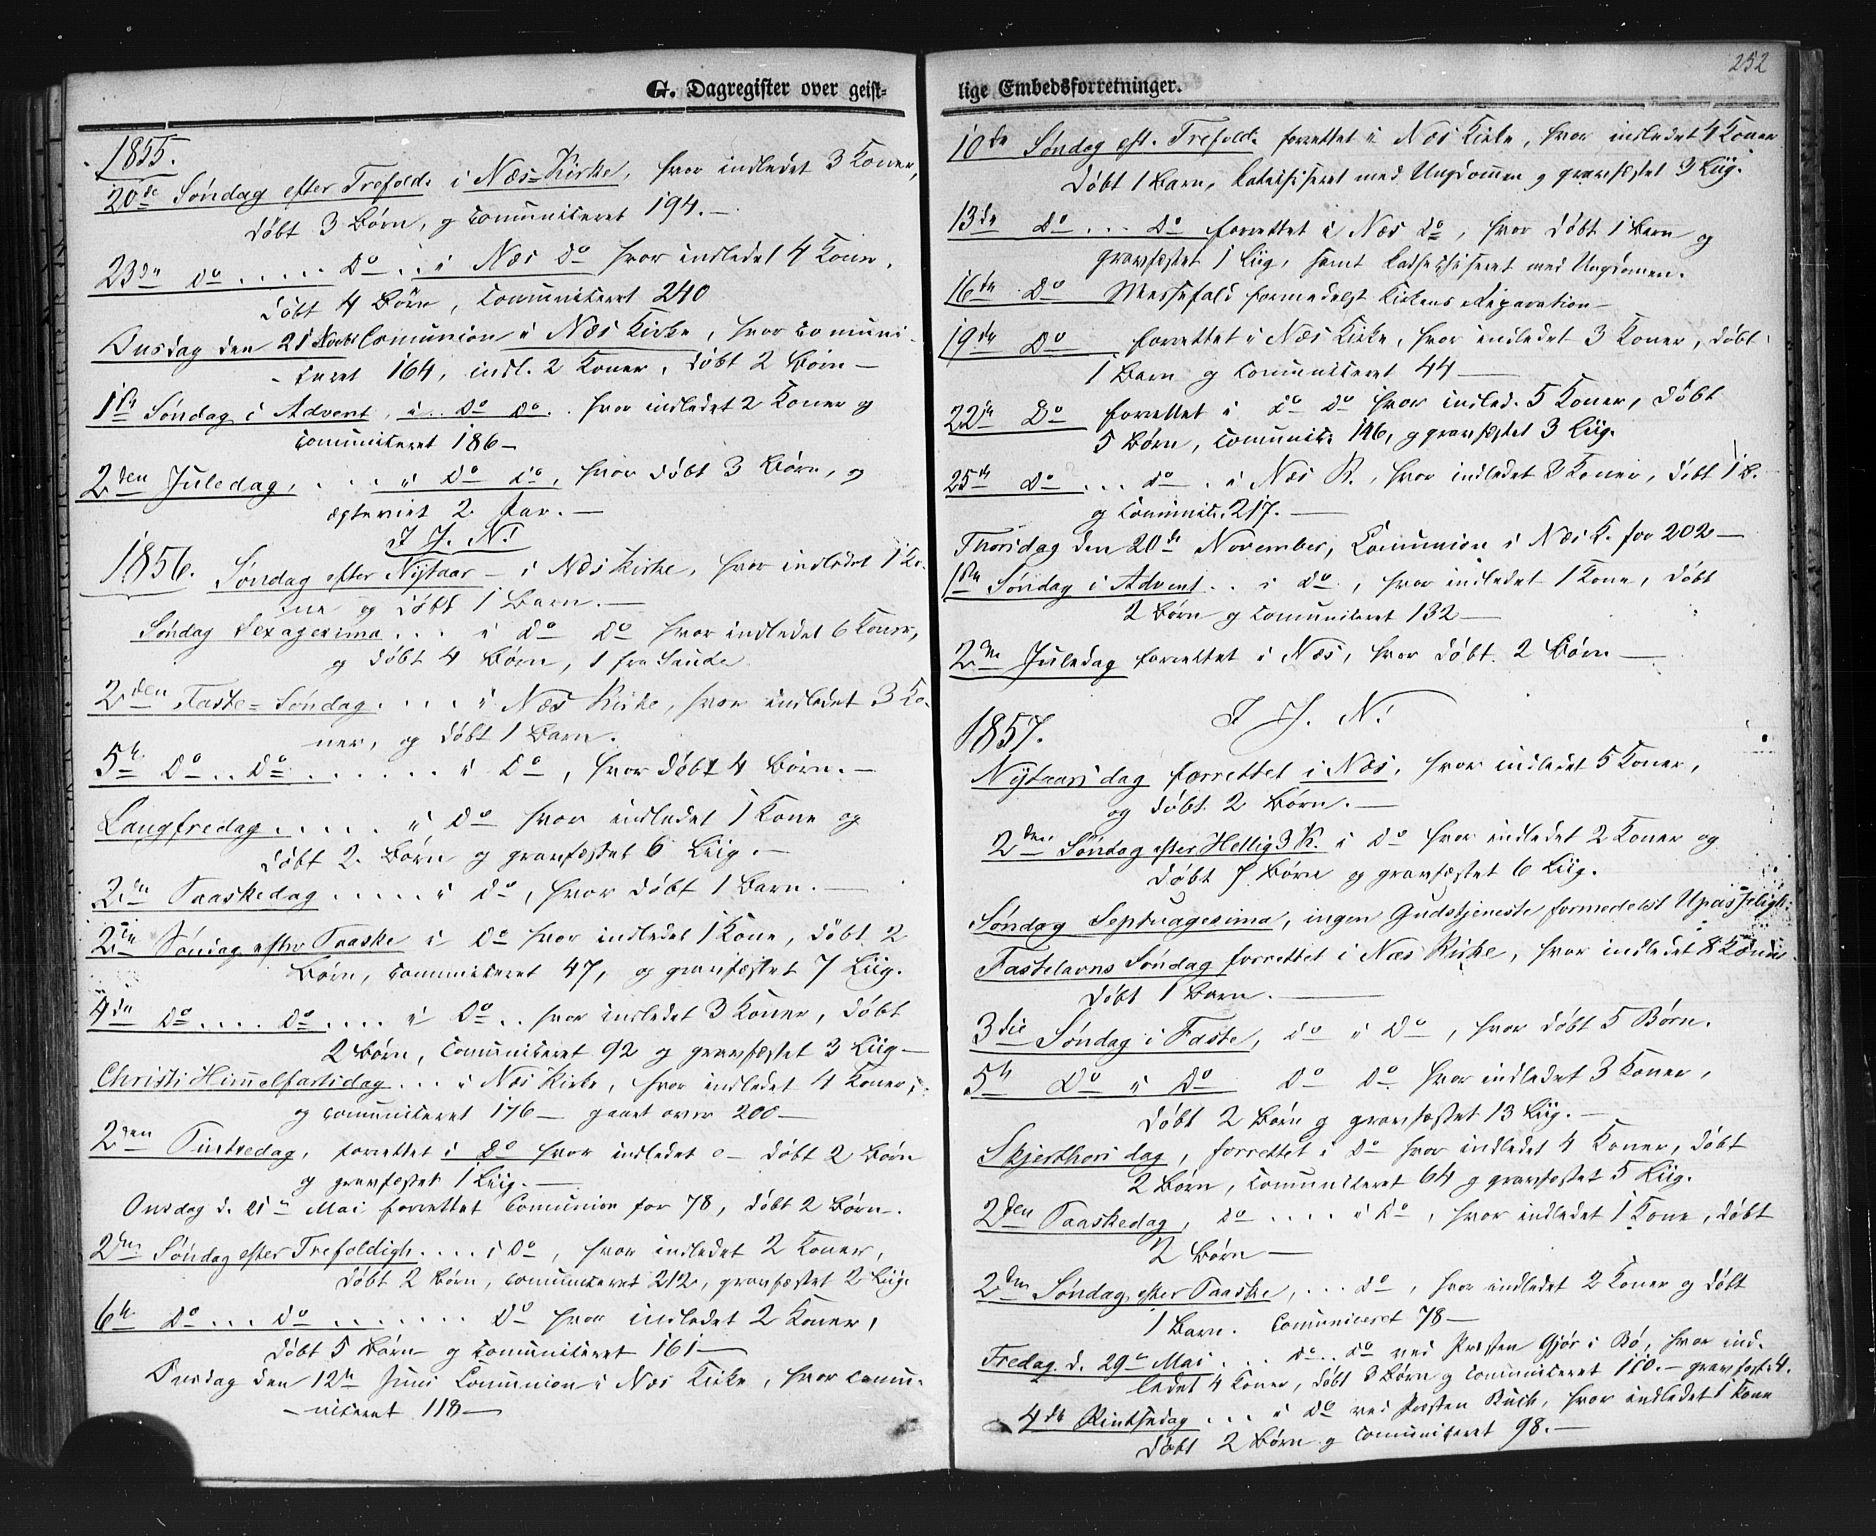 SAKO, Sauherad kirkebøker, F/Fb/L0001: Ministerialbok nr. II 1, 1851-1877, s. 252